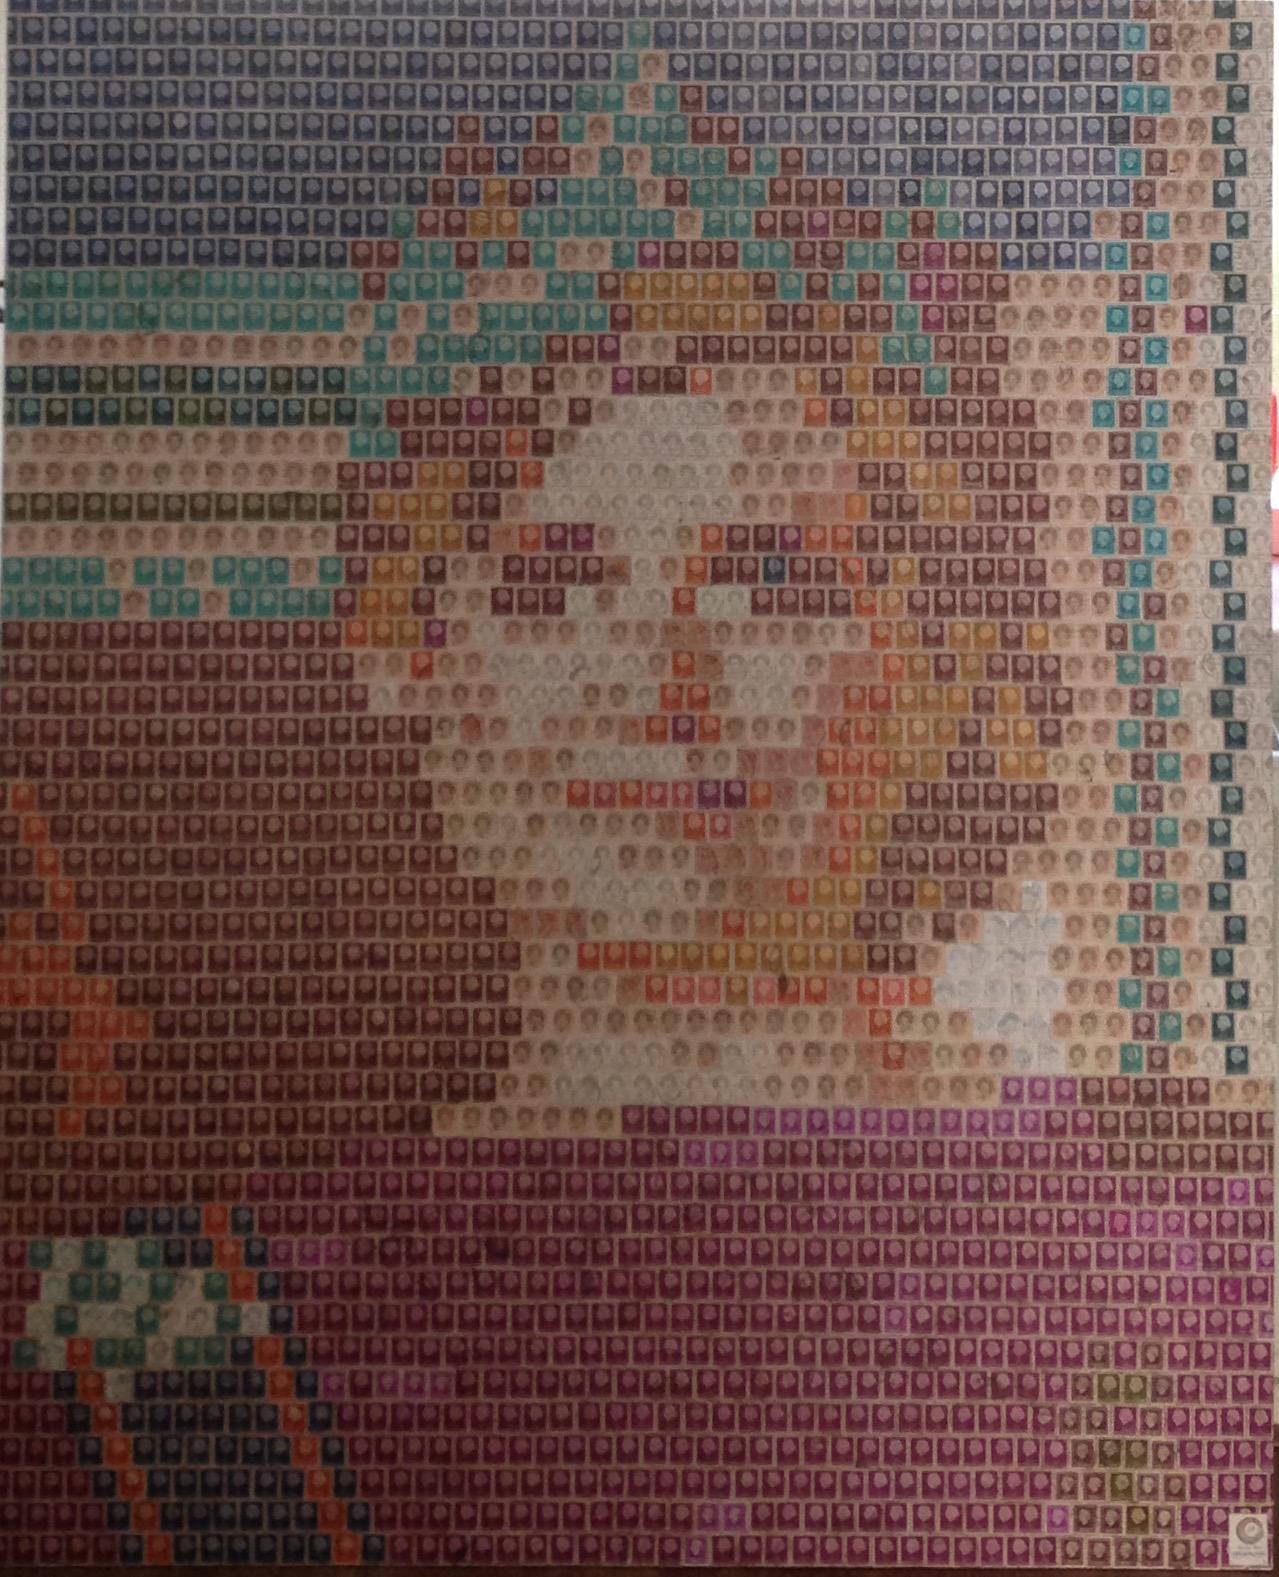 Postzegelfoto van koningin Maxima